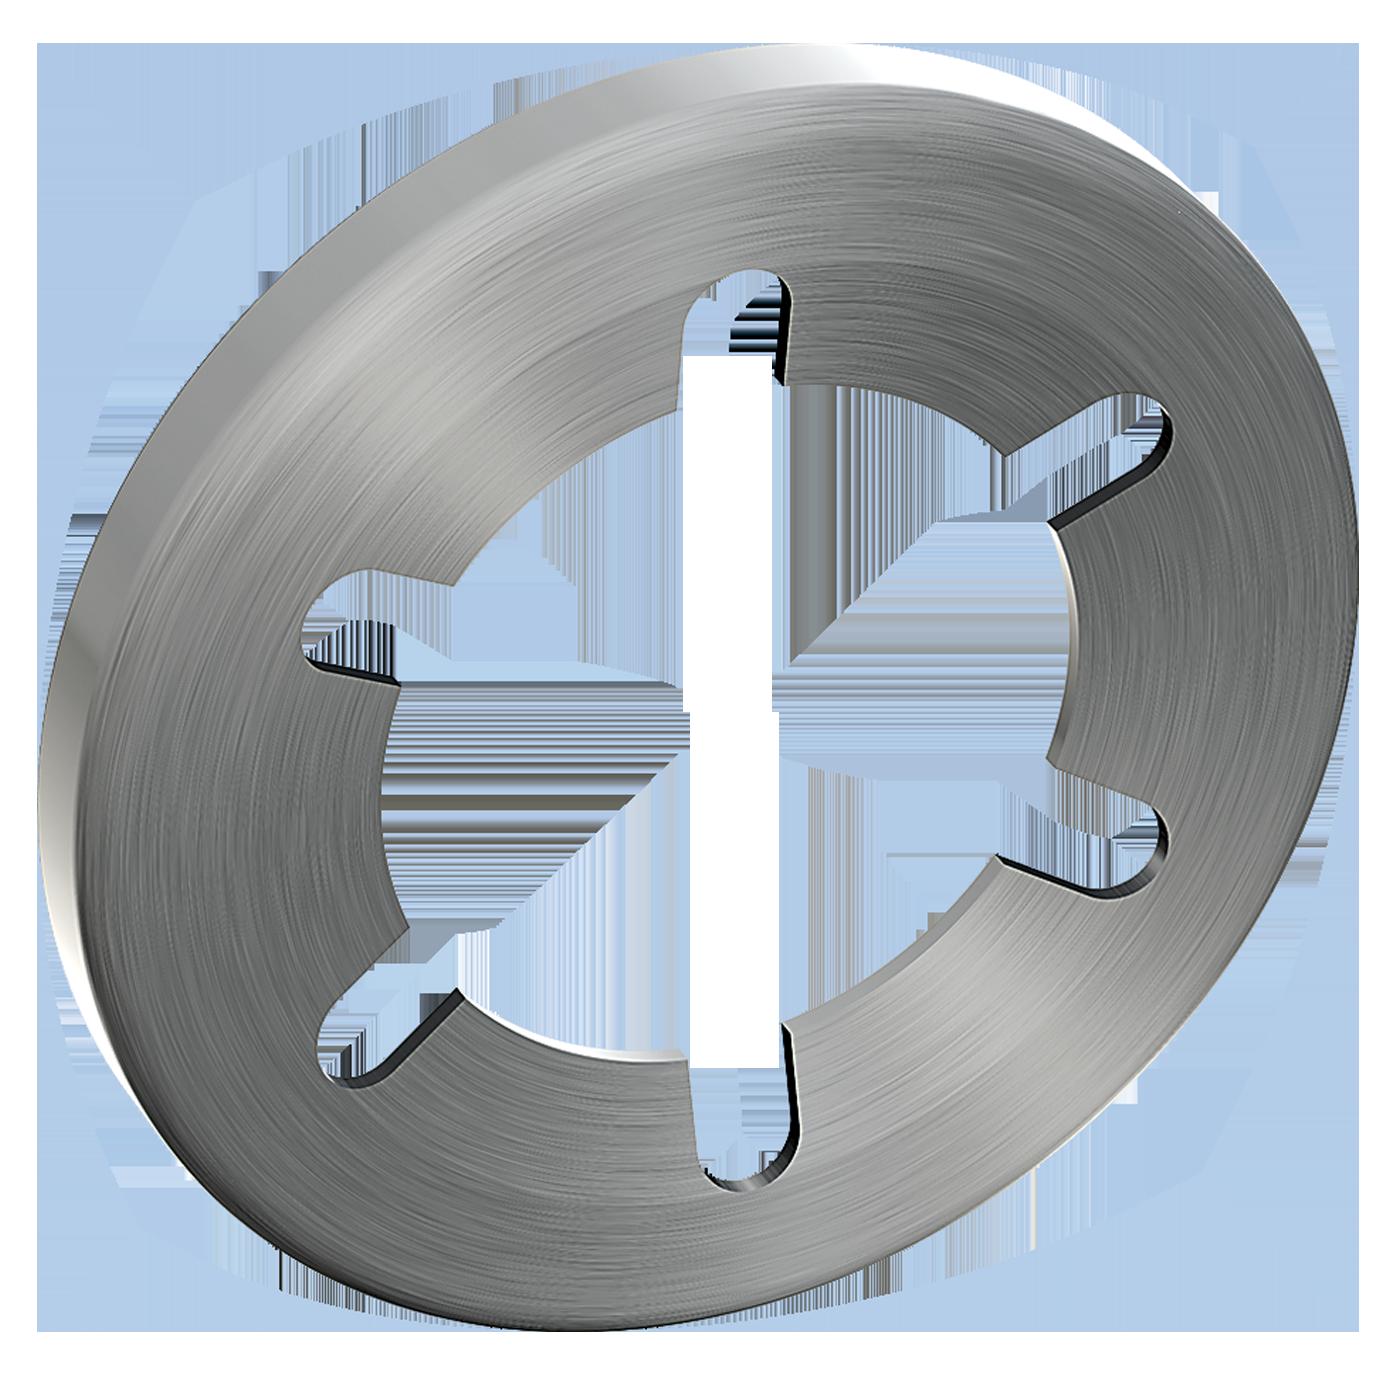 mbo Oßwald liefert Federscheiben, die Federscheibe dient als Sicherung für Bolzen und Wellen ohne Nut. Werkstoff ist Federstahl bzw. Edelstahl.